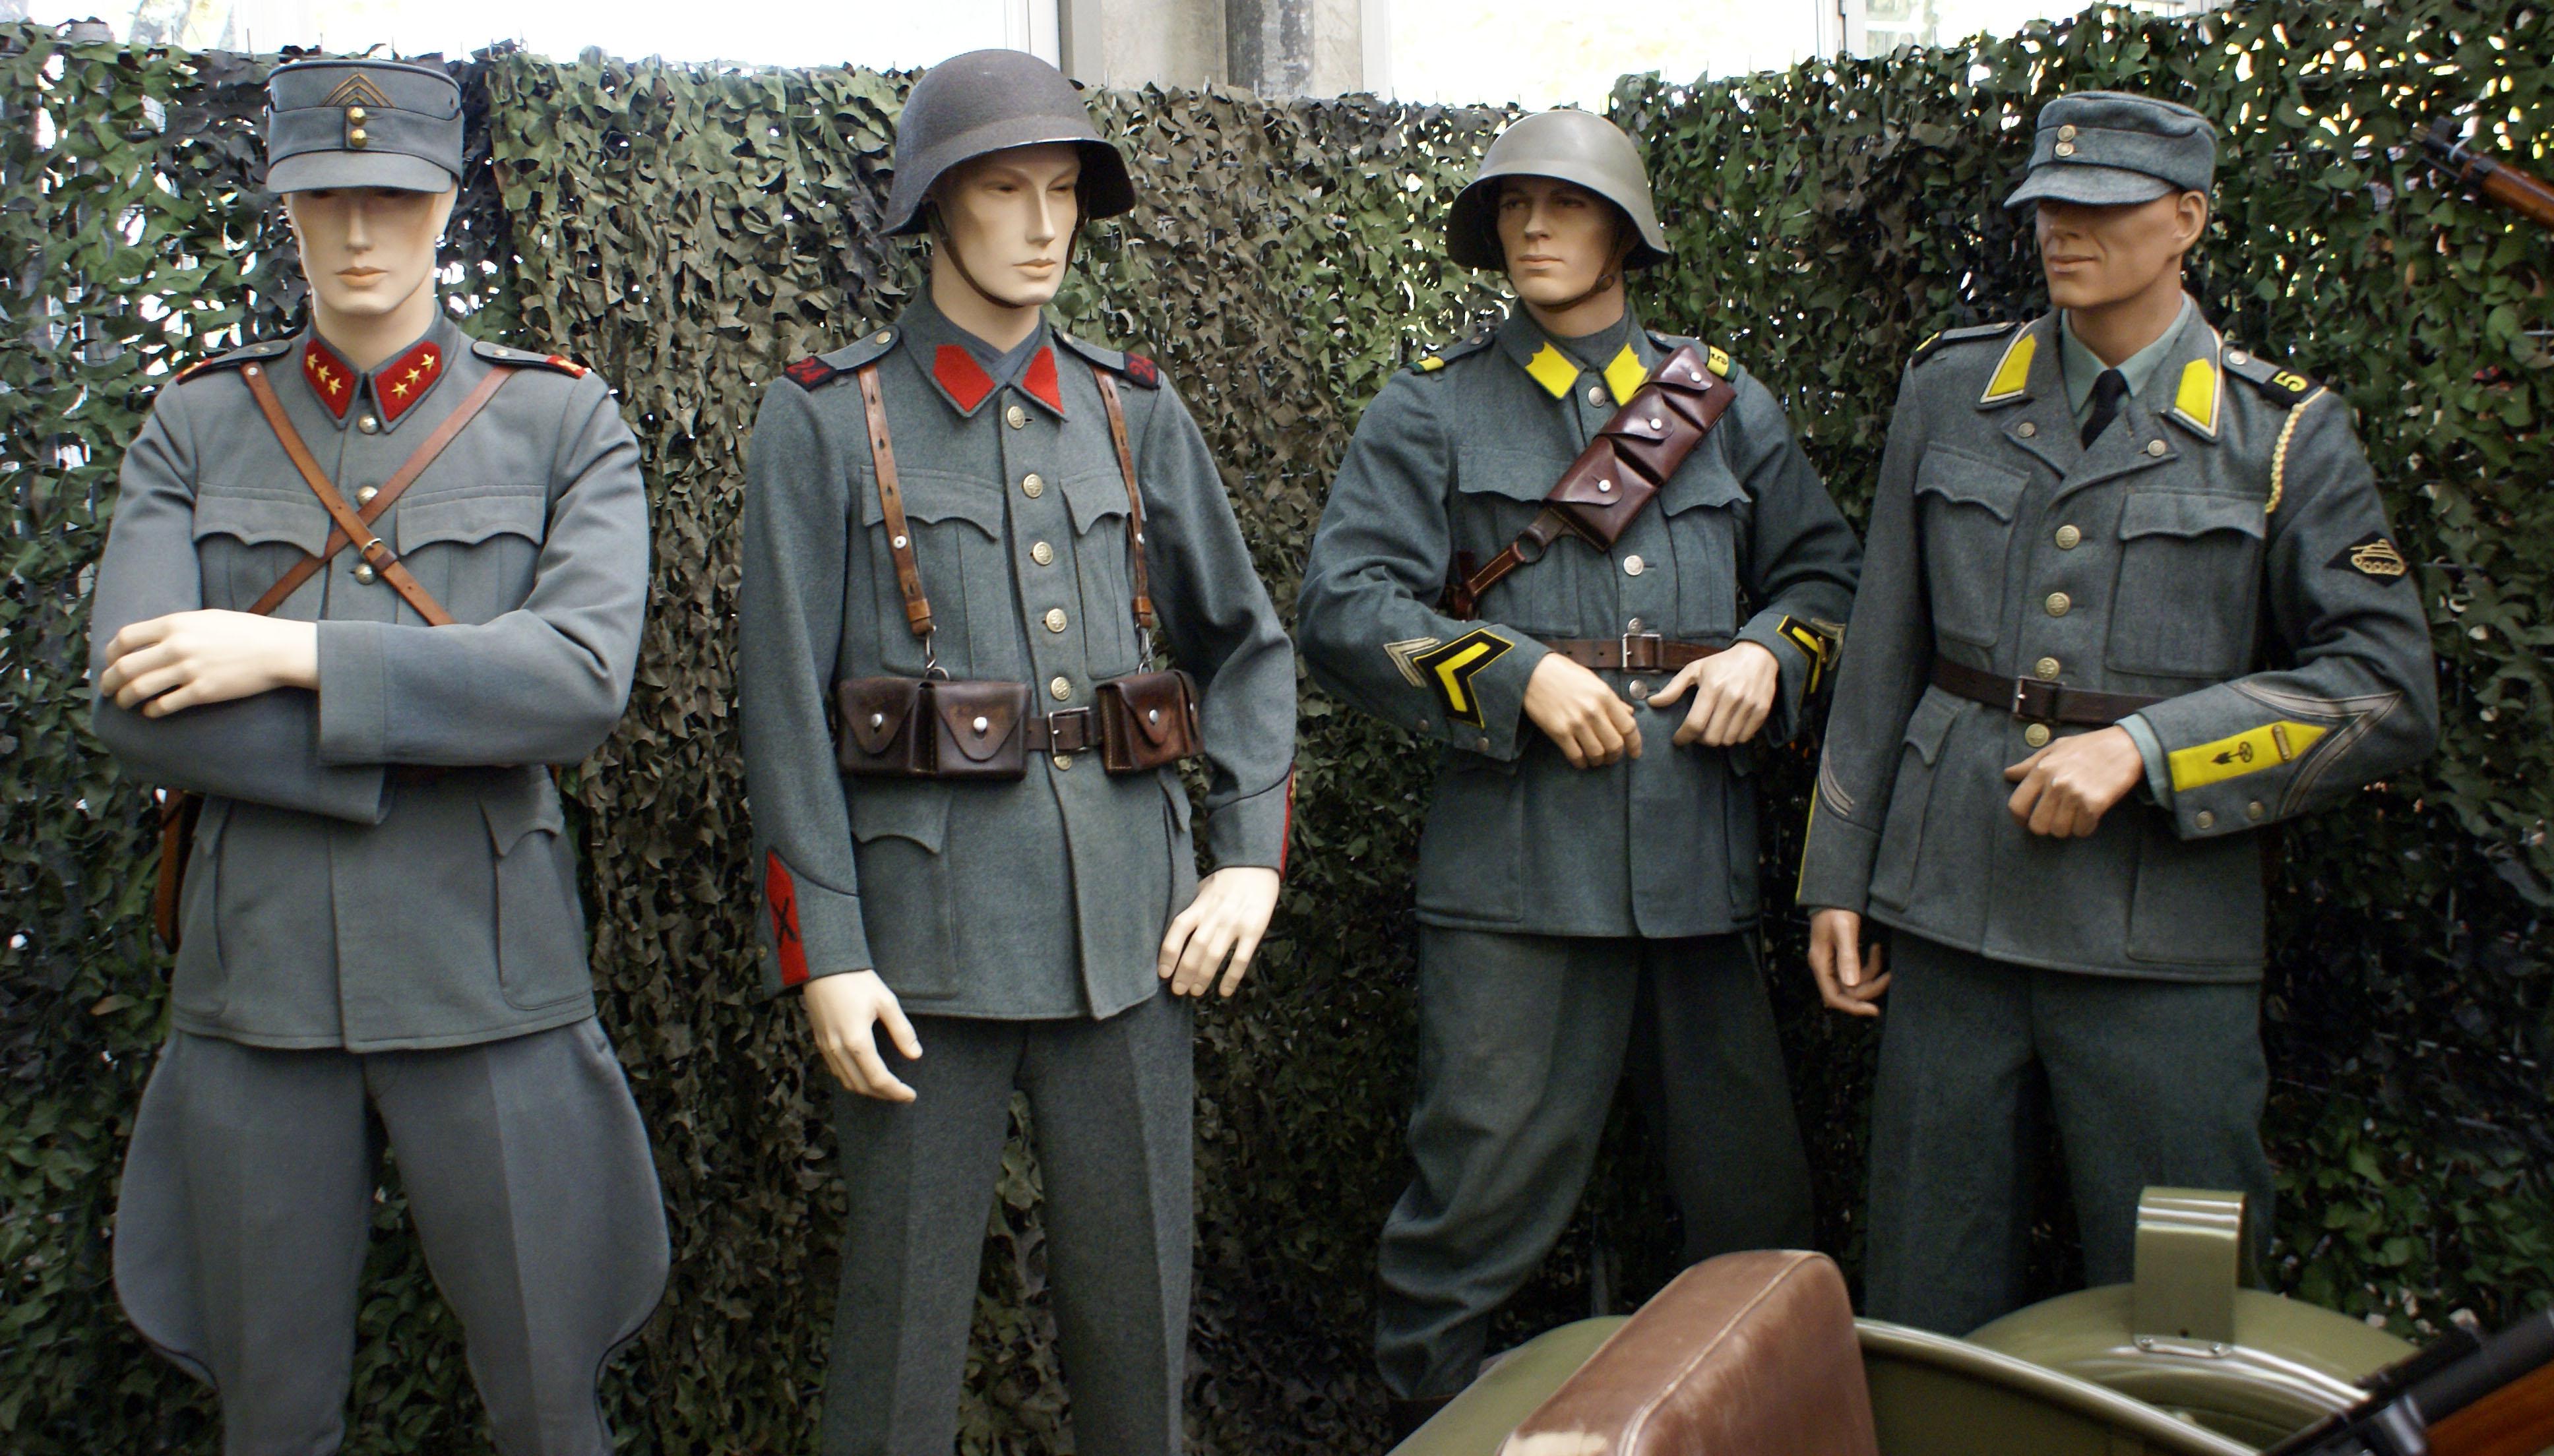 1930er_Jahre_Schweizer_Armee_Uniformen.jpg